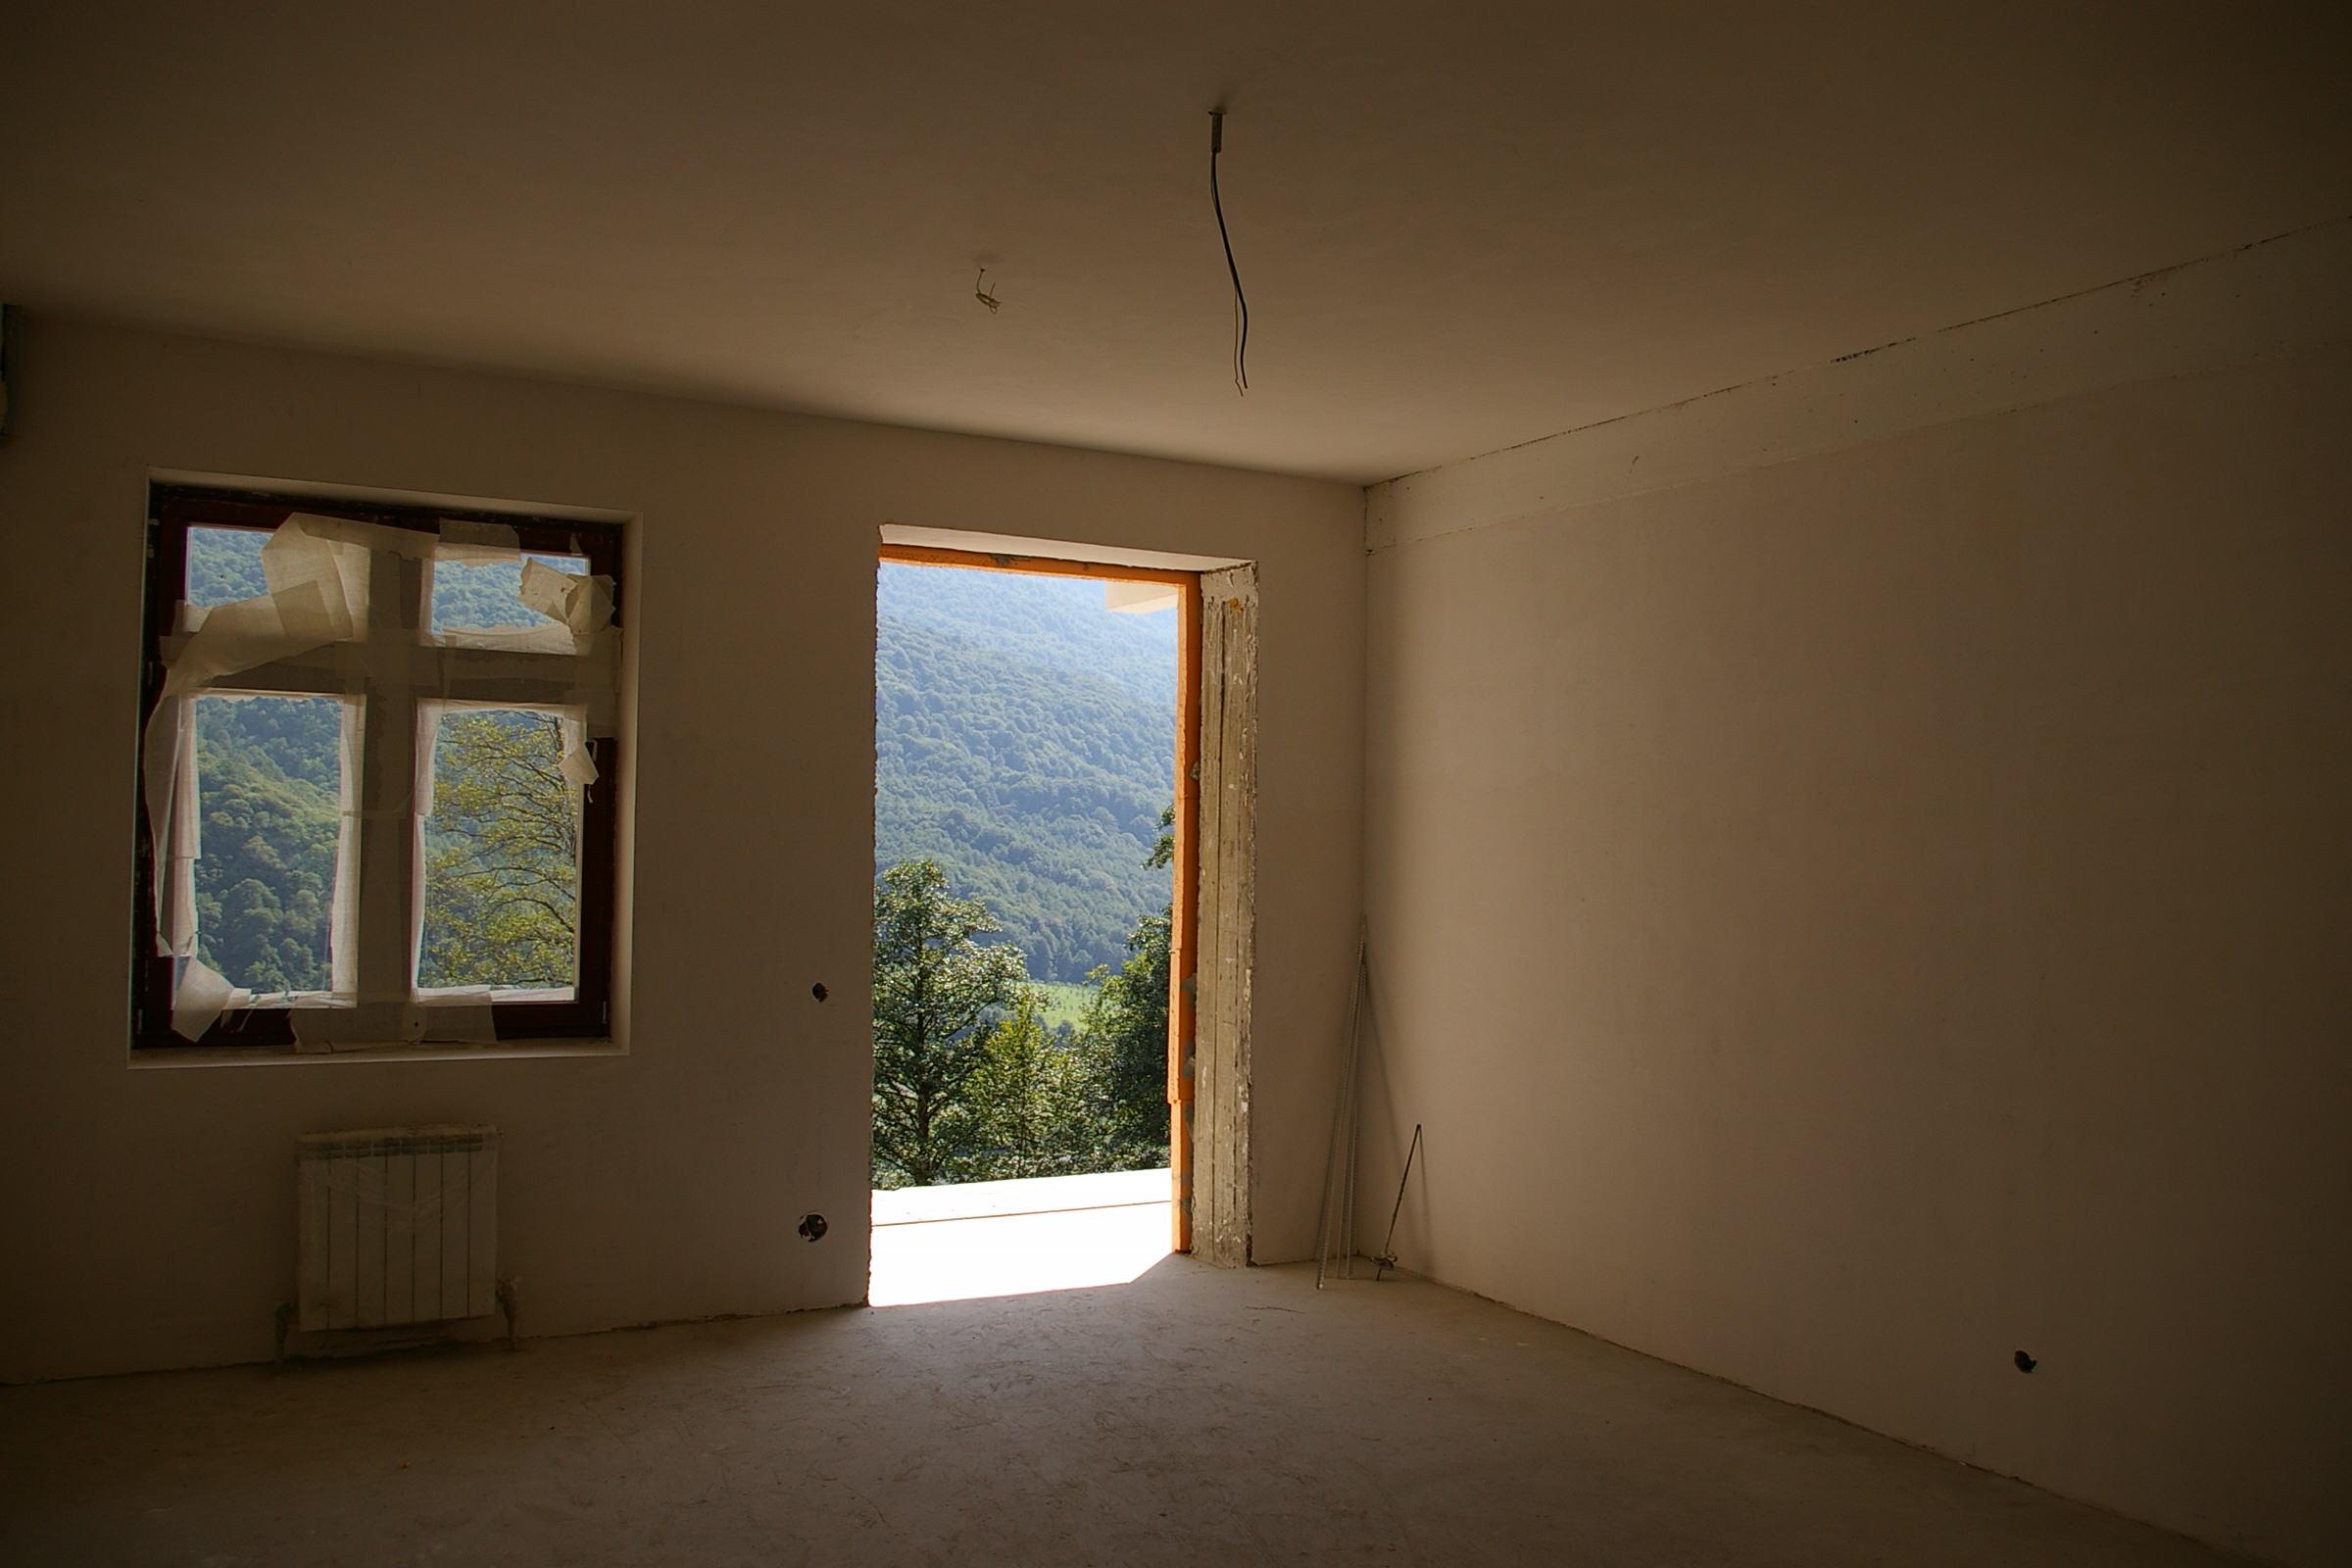 Установка деревянных блоков окон